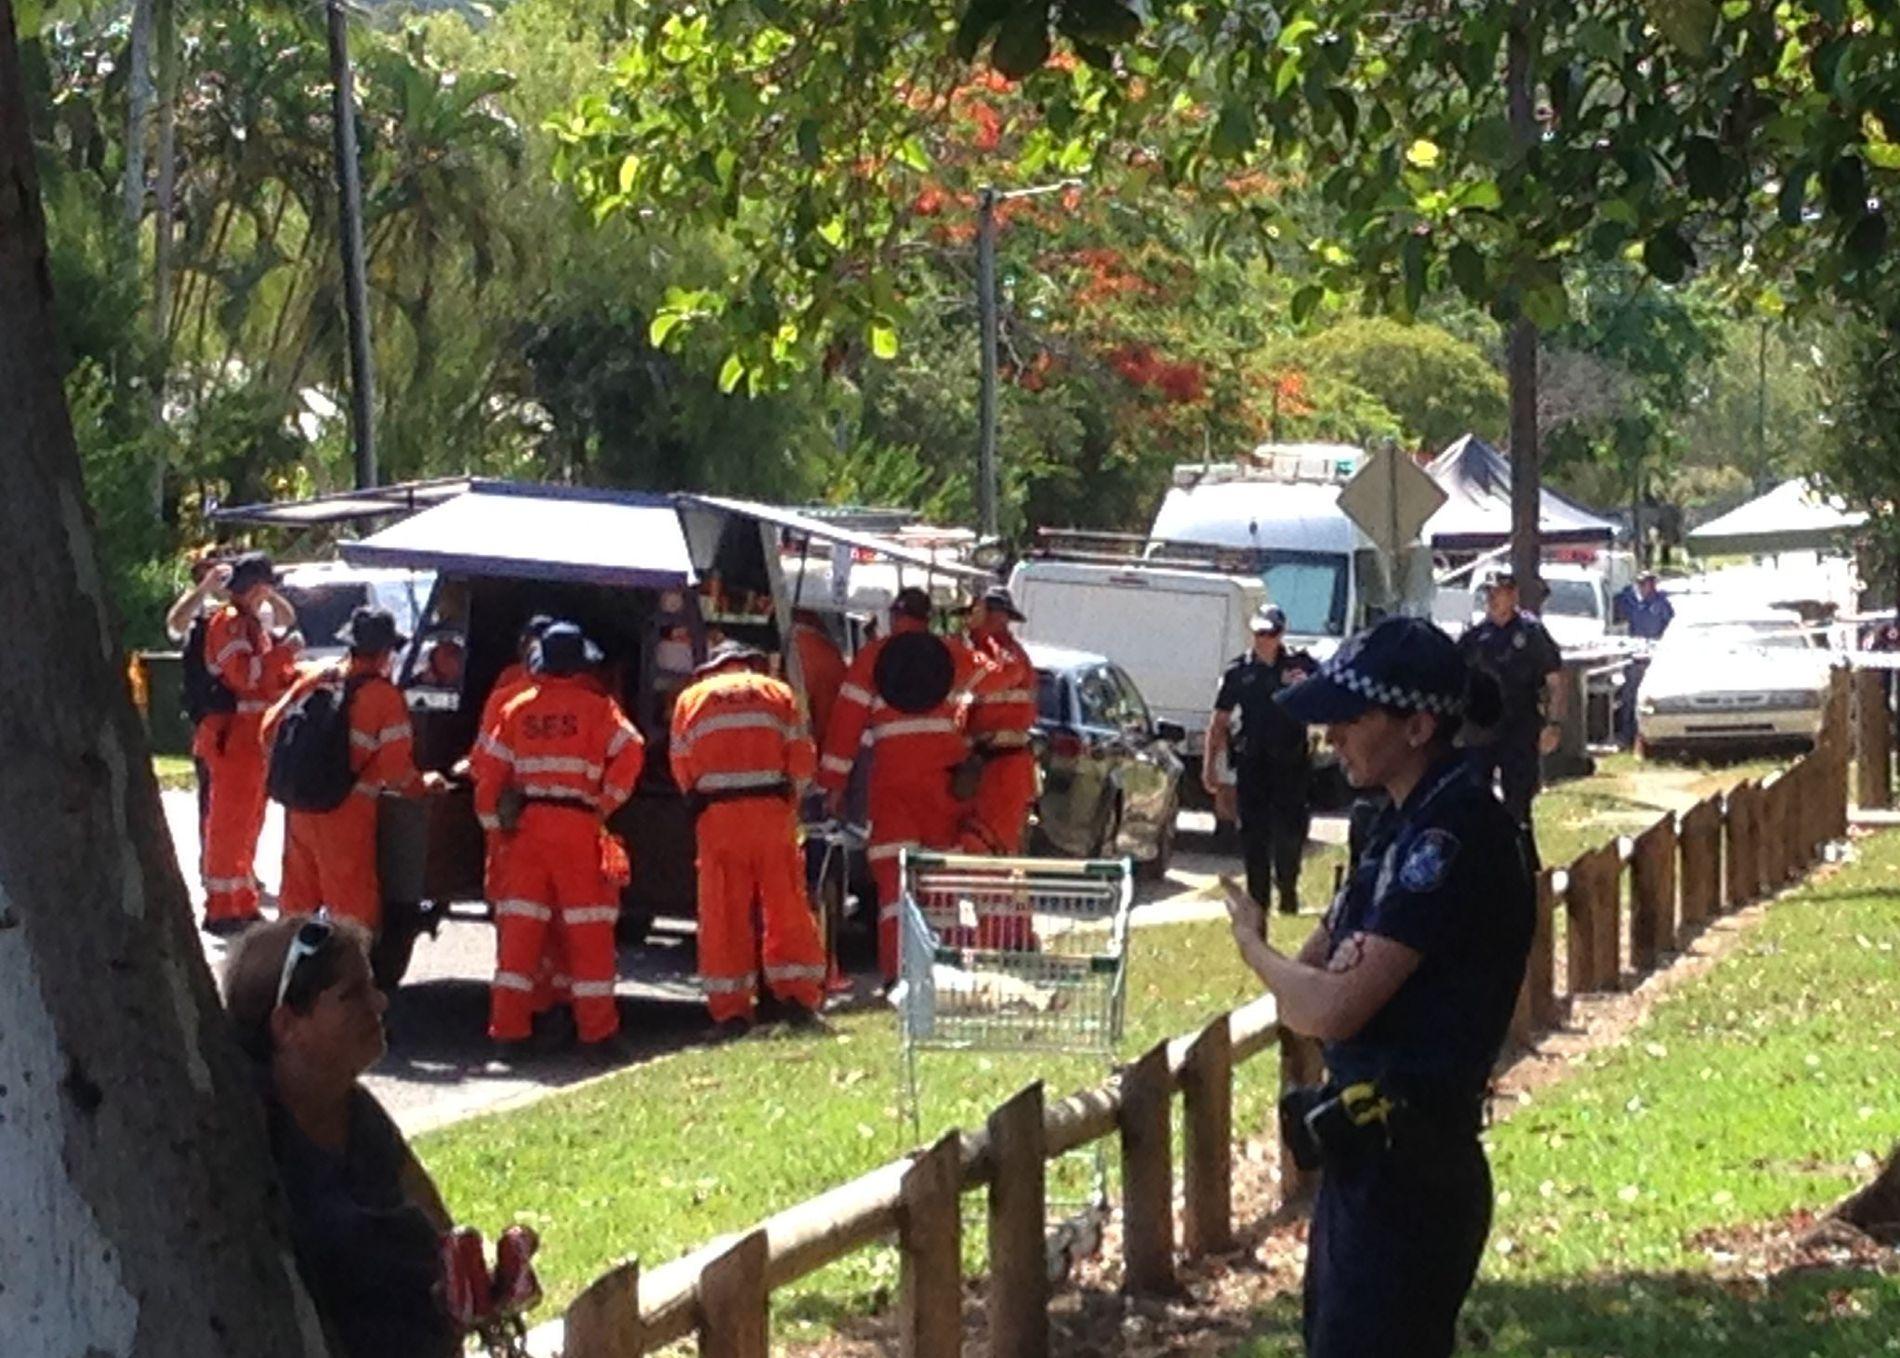 Åtte barn mellom 2 og 14 år ble funnet knivdrept i et hus i Cairns i Australia i 2014. Nå er moren til syv av barna funnet uskikket til å straffeforfølges, og behandles for psykiske lidelser.